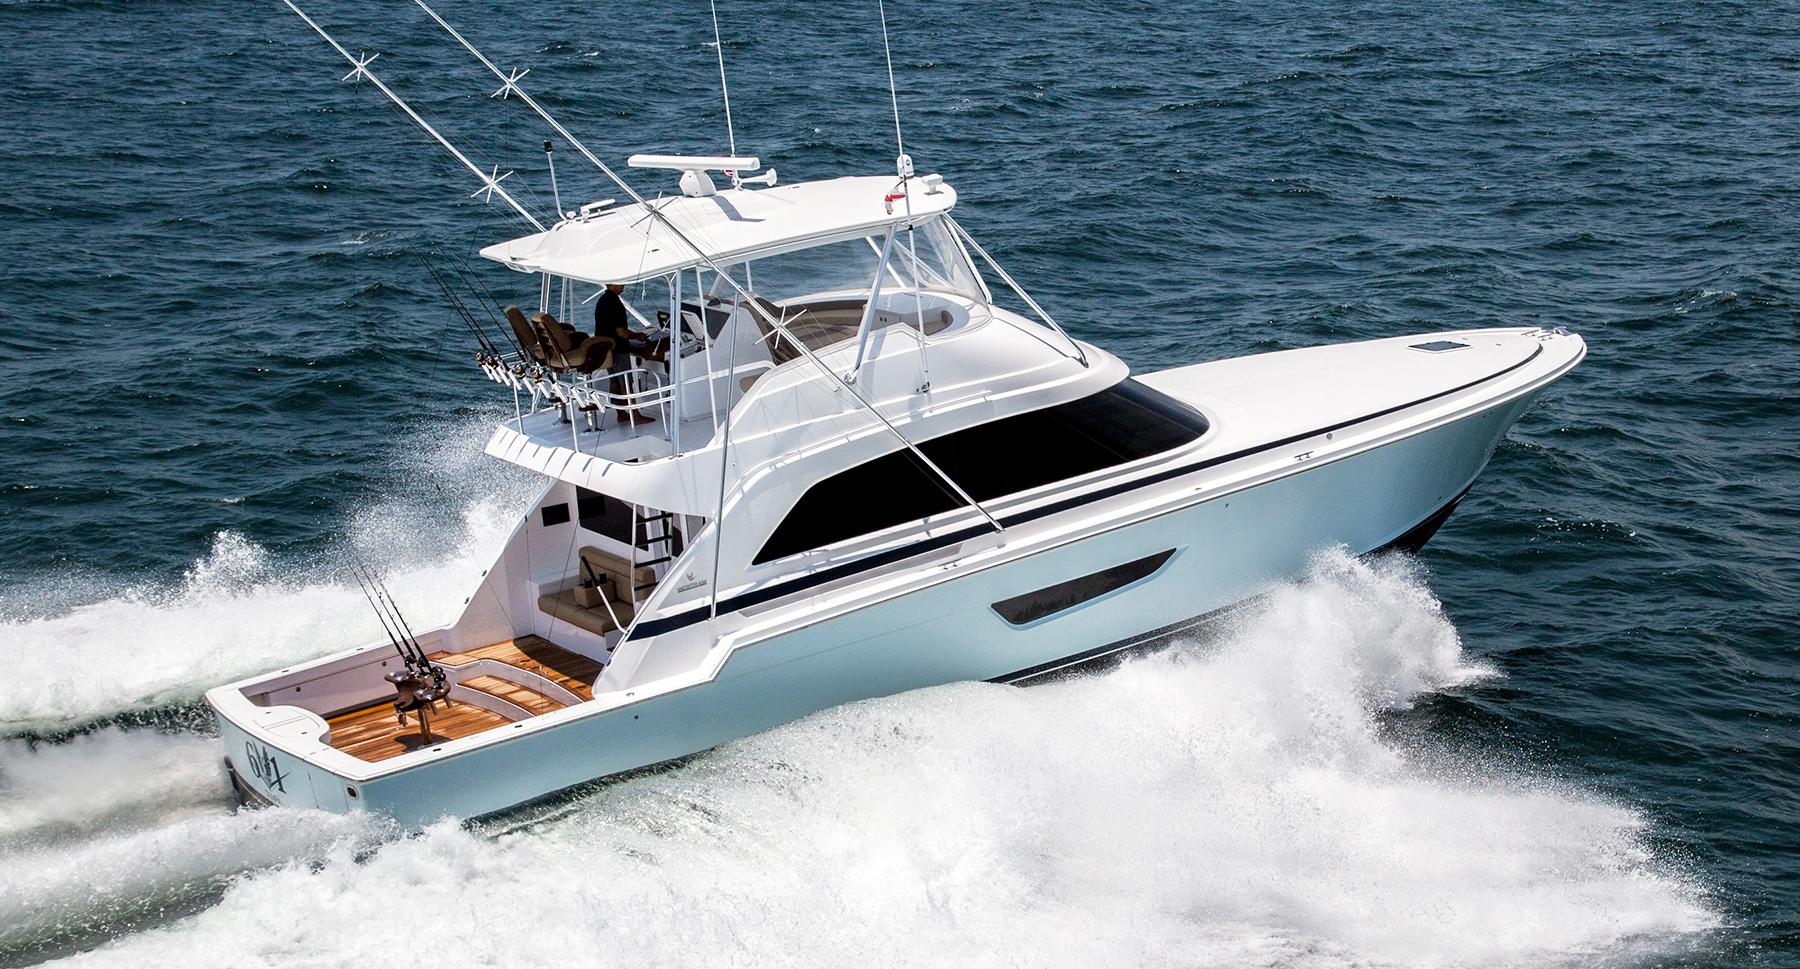 bertram 61 sportfish yacht for sale